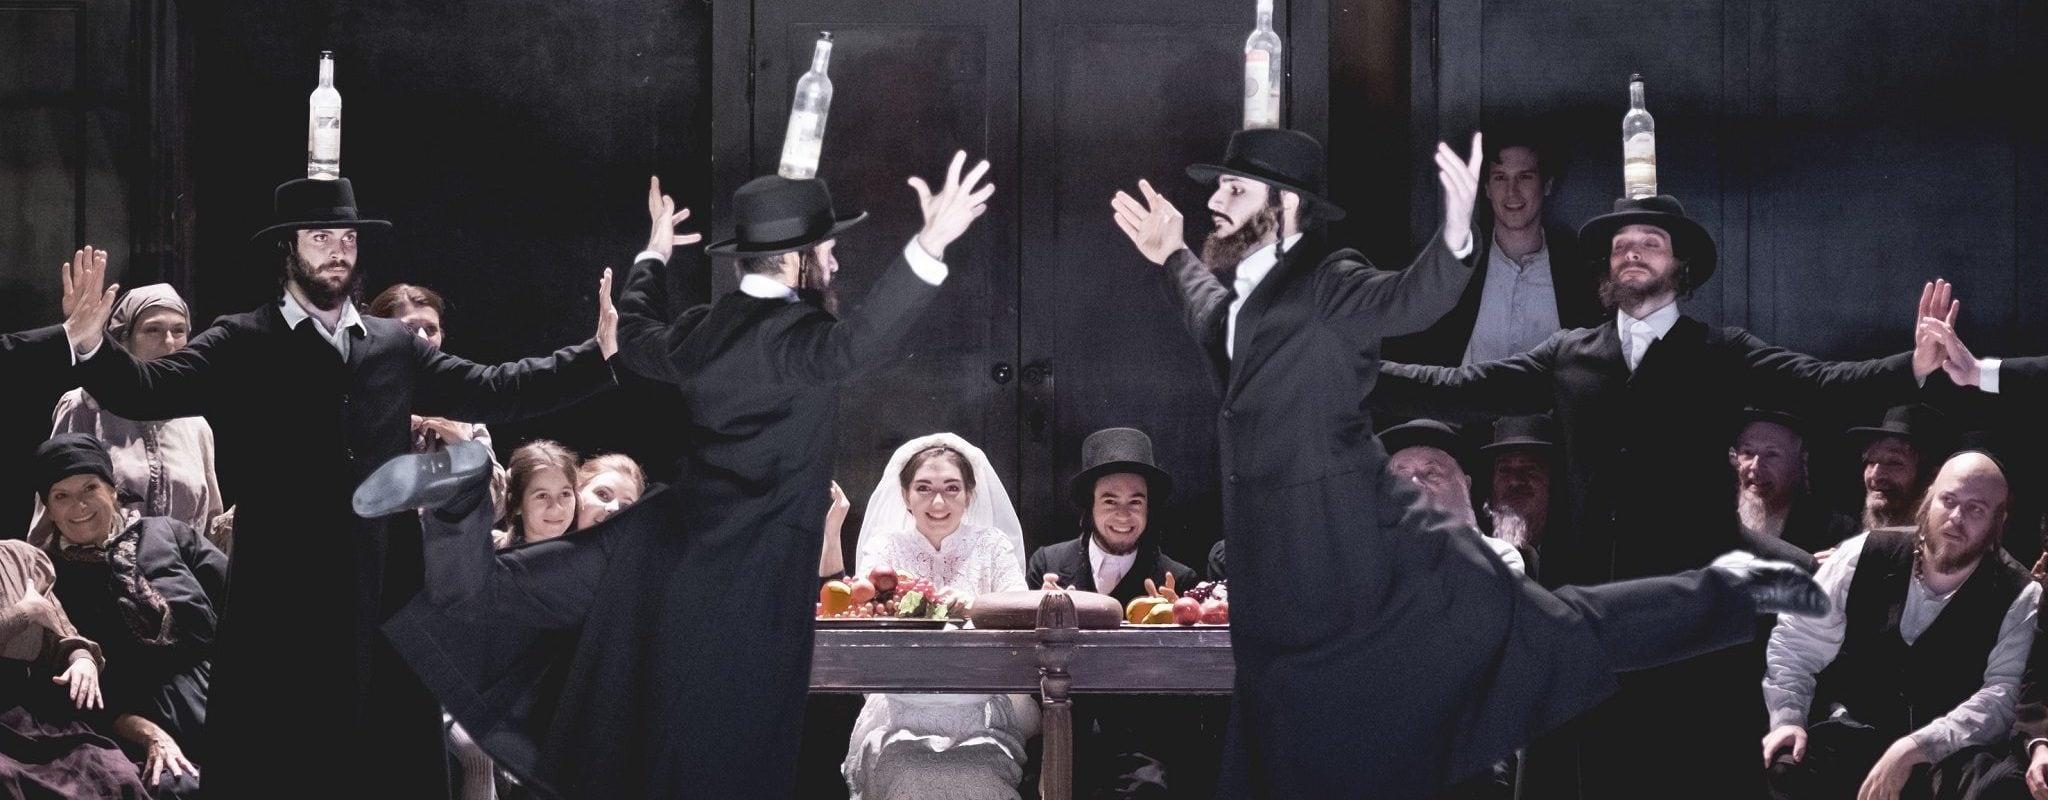 À l'Opéra du Rhin, la fuite des juifs se joue sur un air de violon